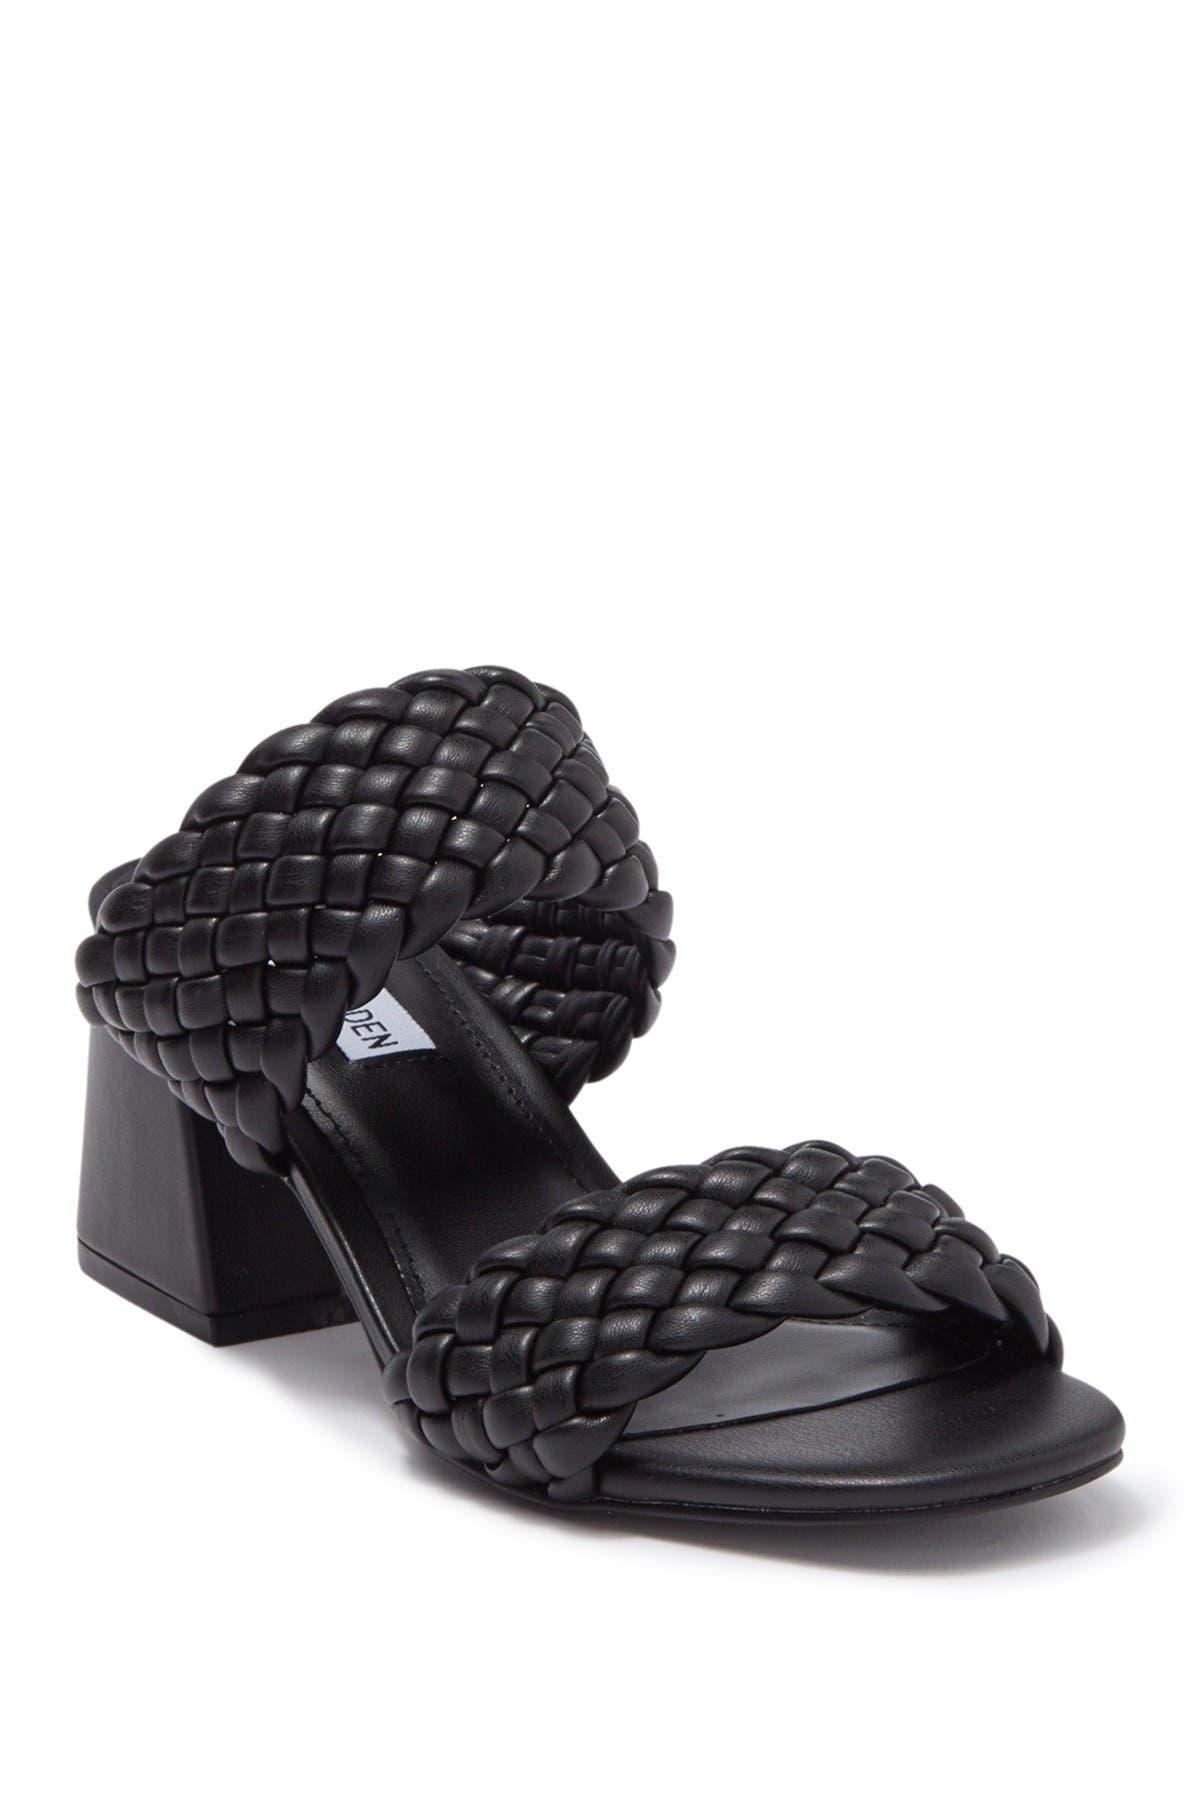 Image of Steve Madden Daphnee Block Heel Sandal